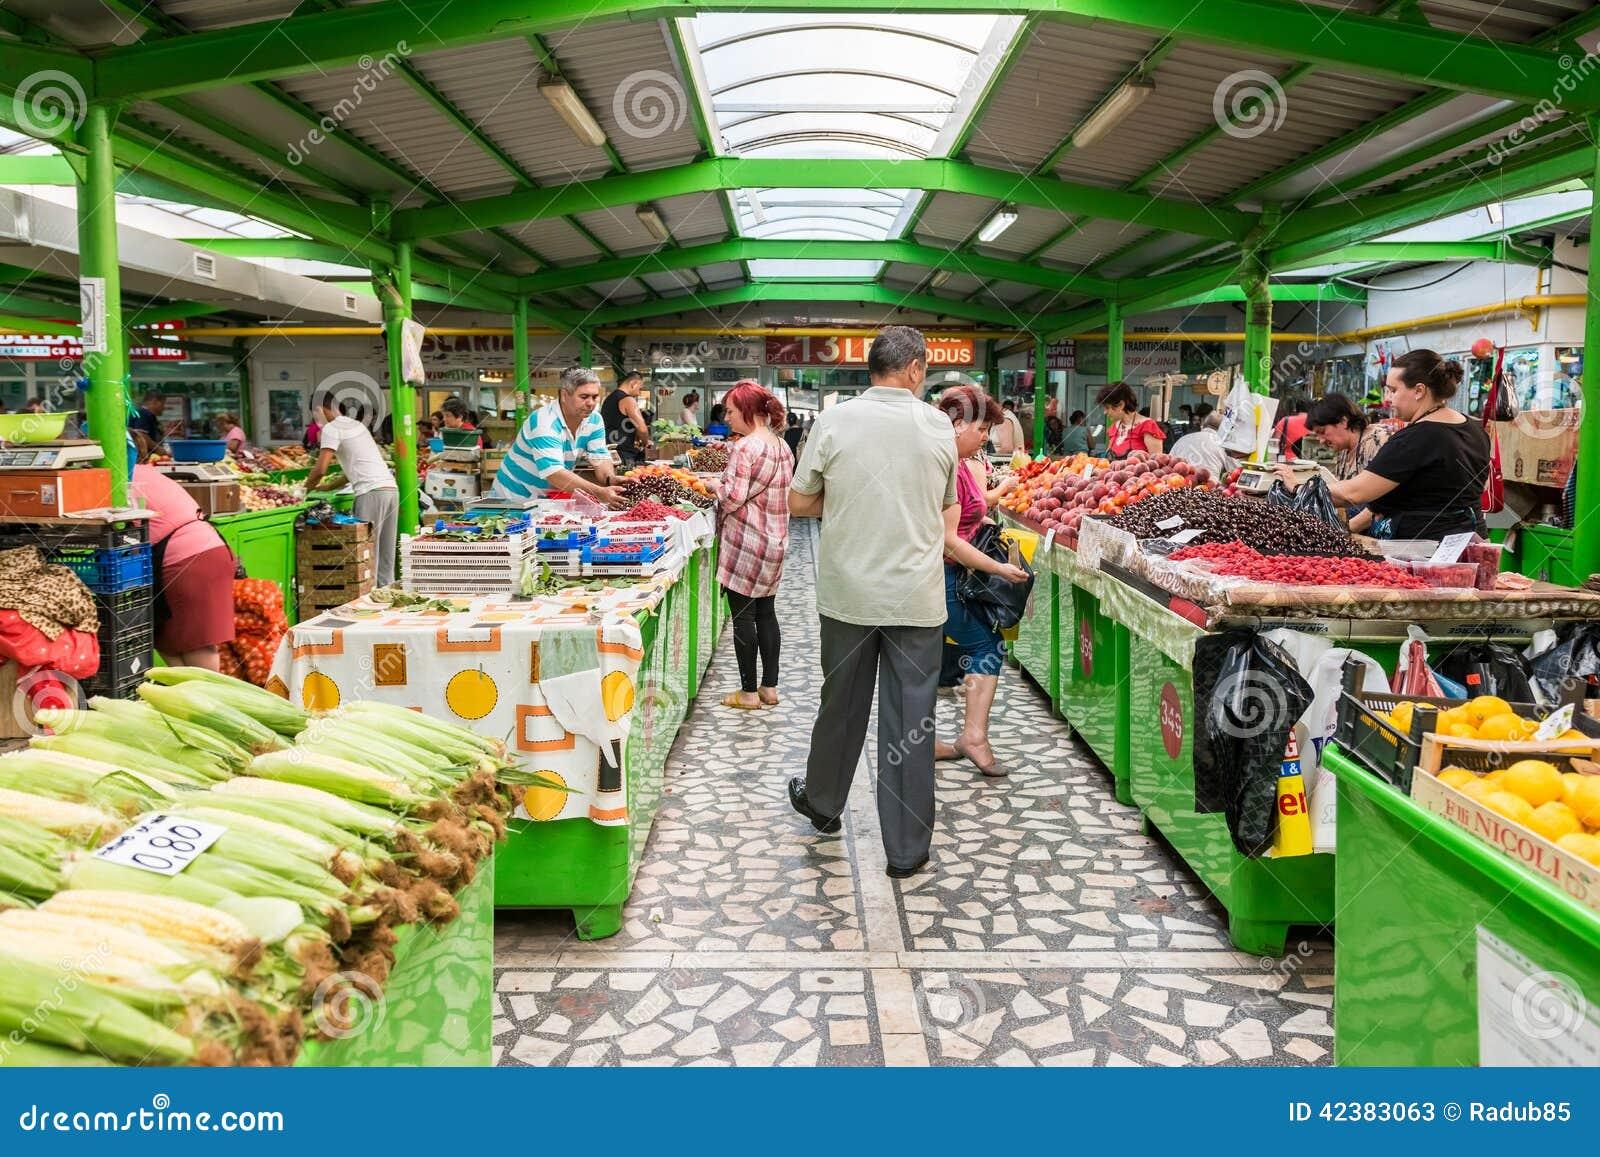 Люди ходя по магазинам для фруктов и овощей